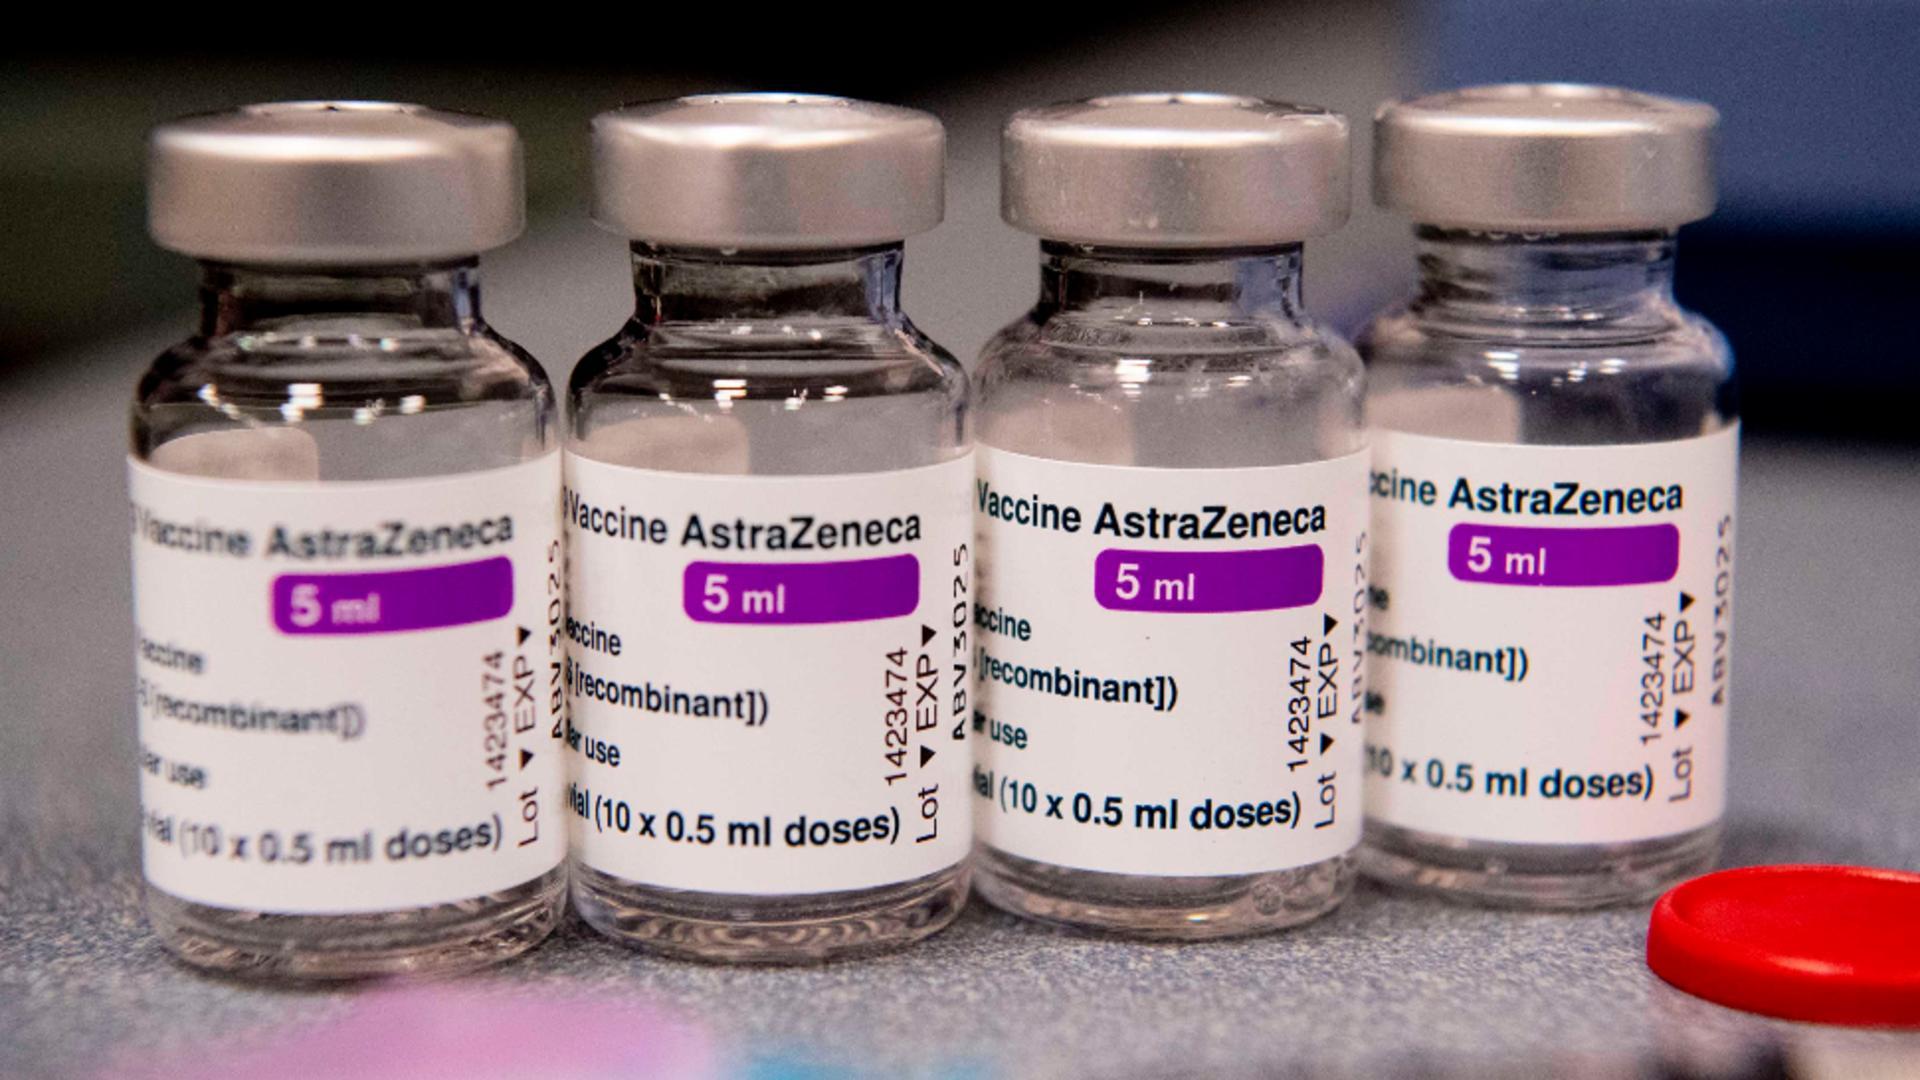 România ia în calcul să scoată la vânzare vaccinurile AstraZeneca rămase nefolosite / Foto: Profi Media